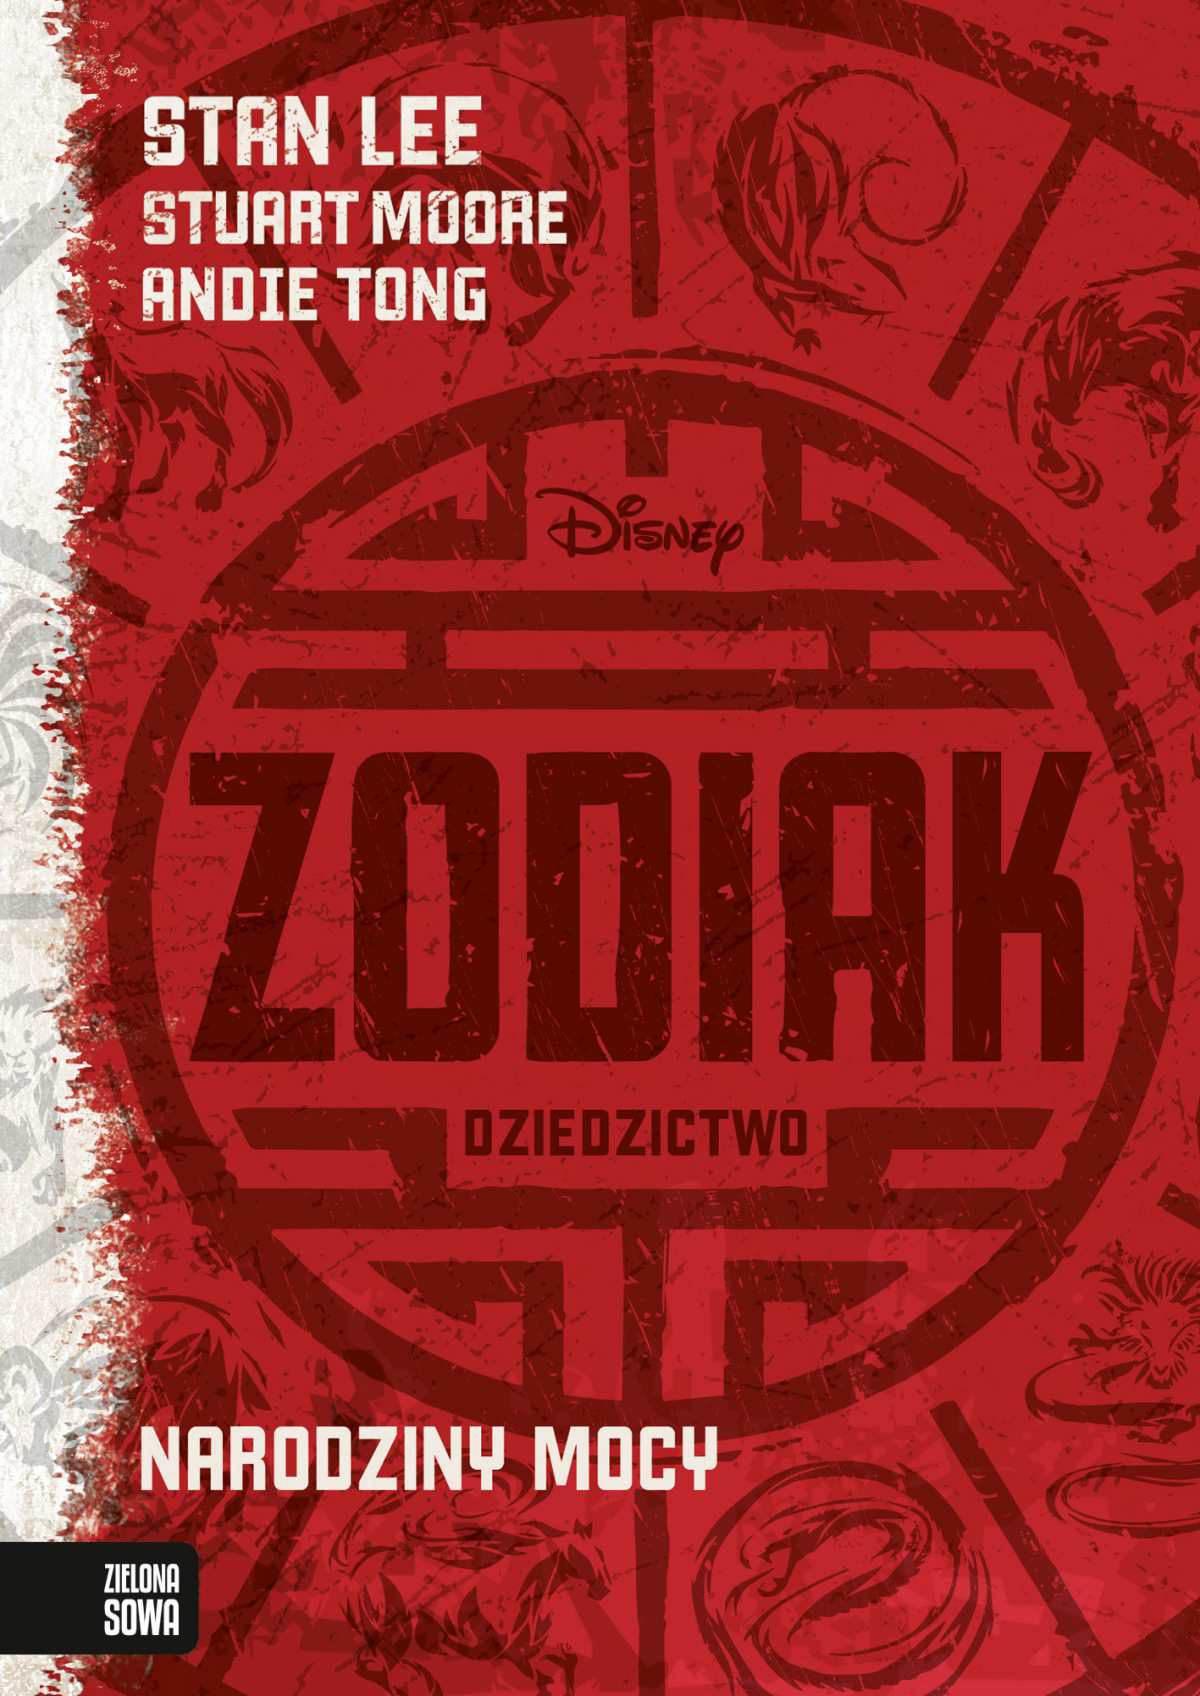 Zodiak Dziedzictwo. Narodziny mocy - Ebook (Książka EPUB) do pobrania w formacie EPUB